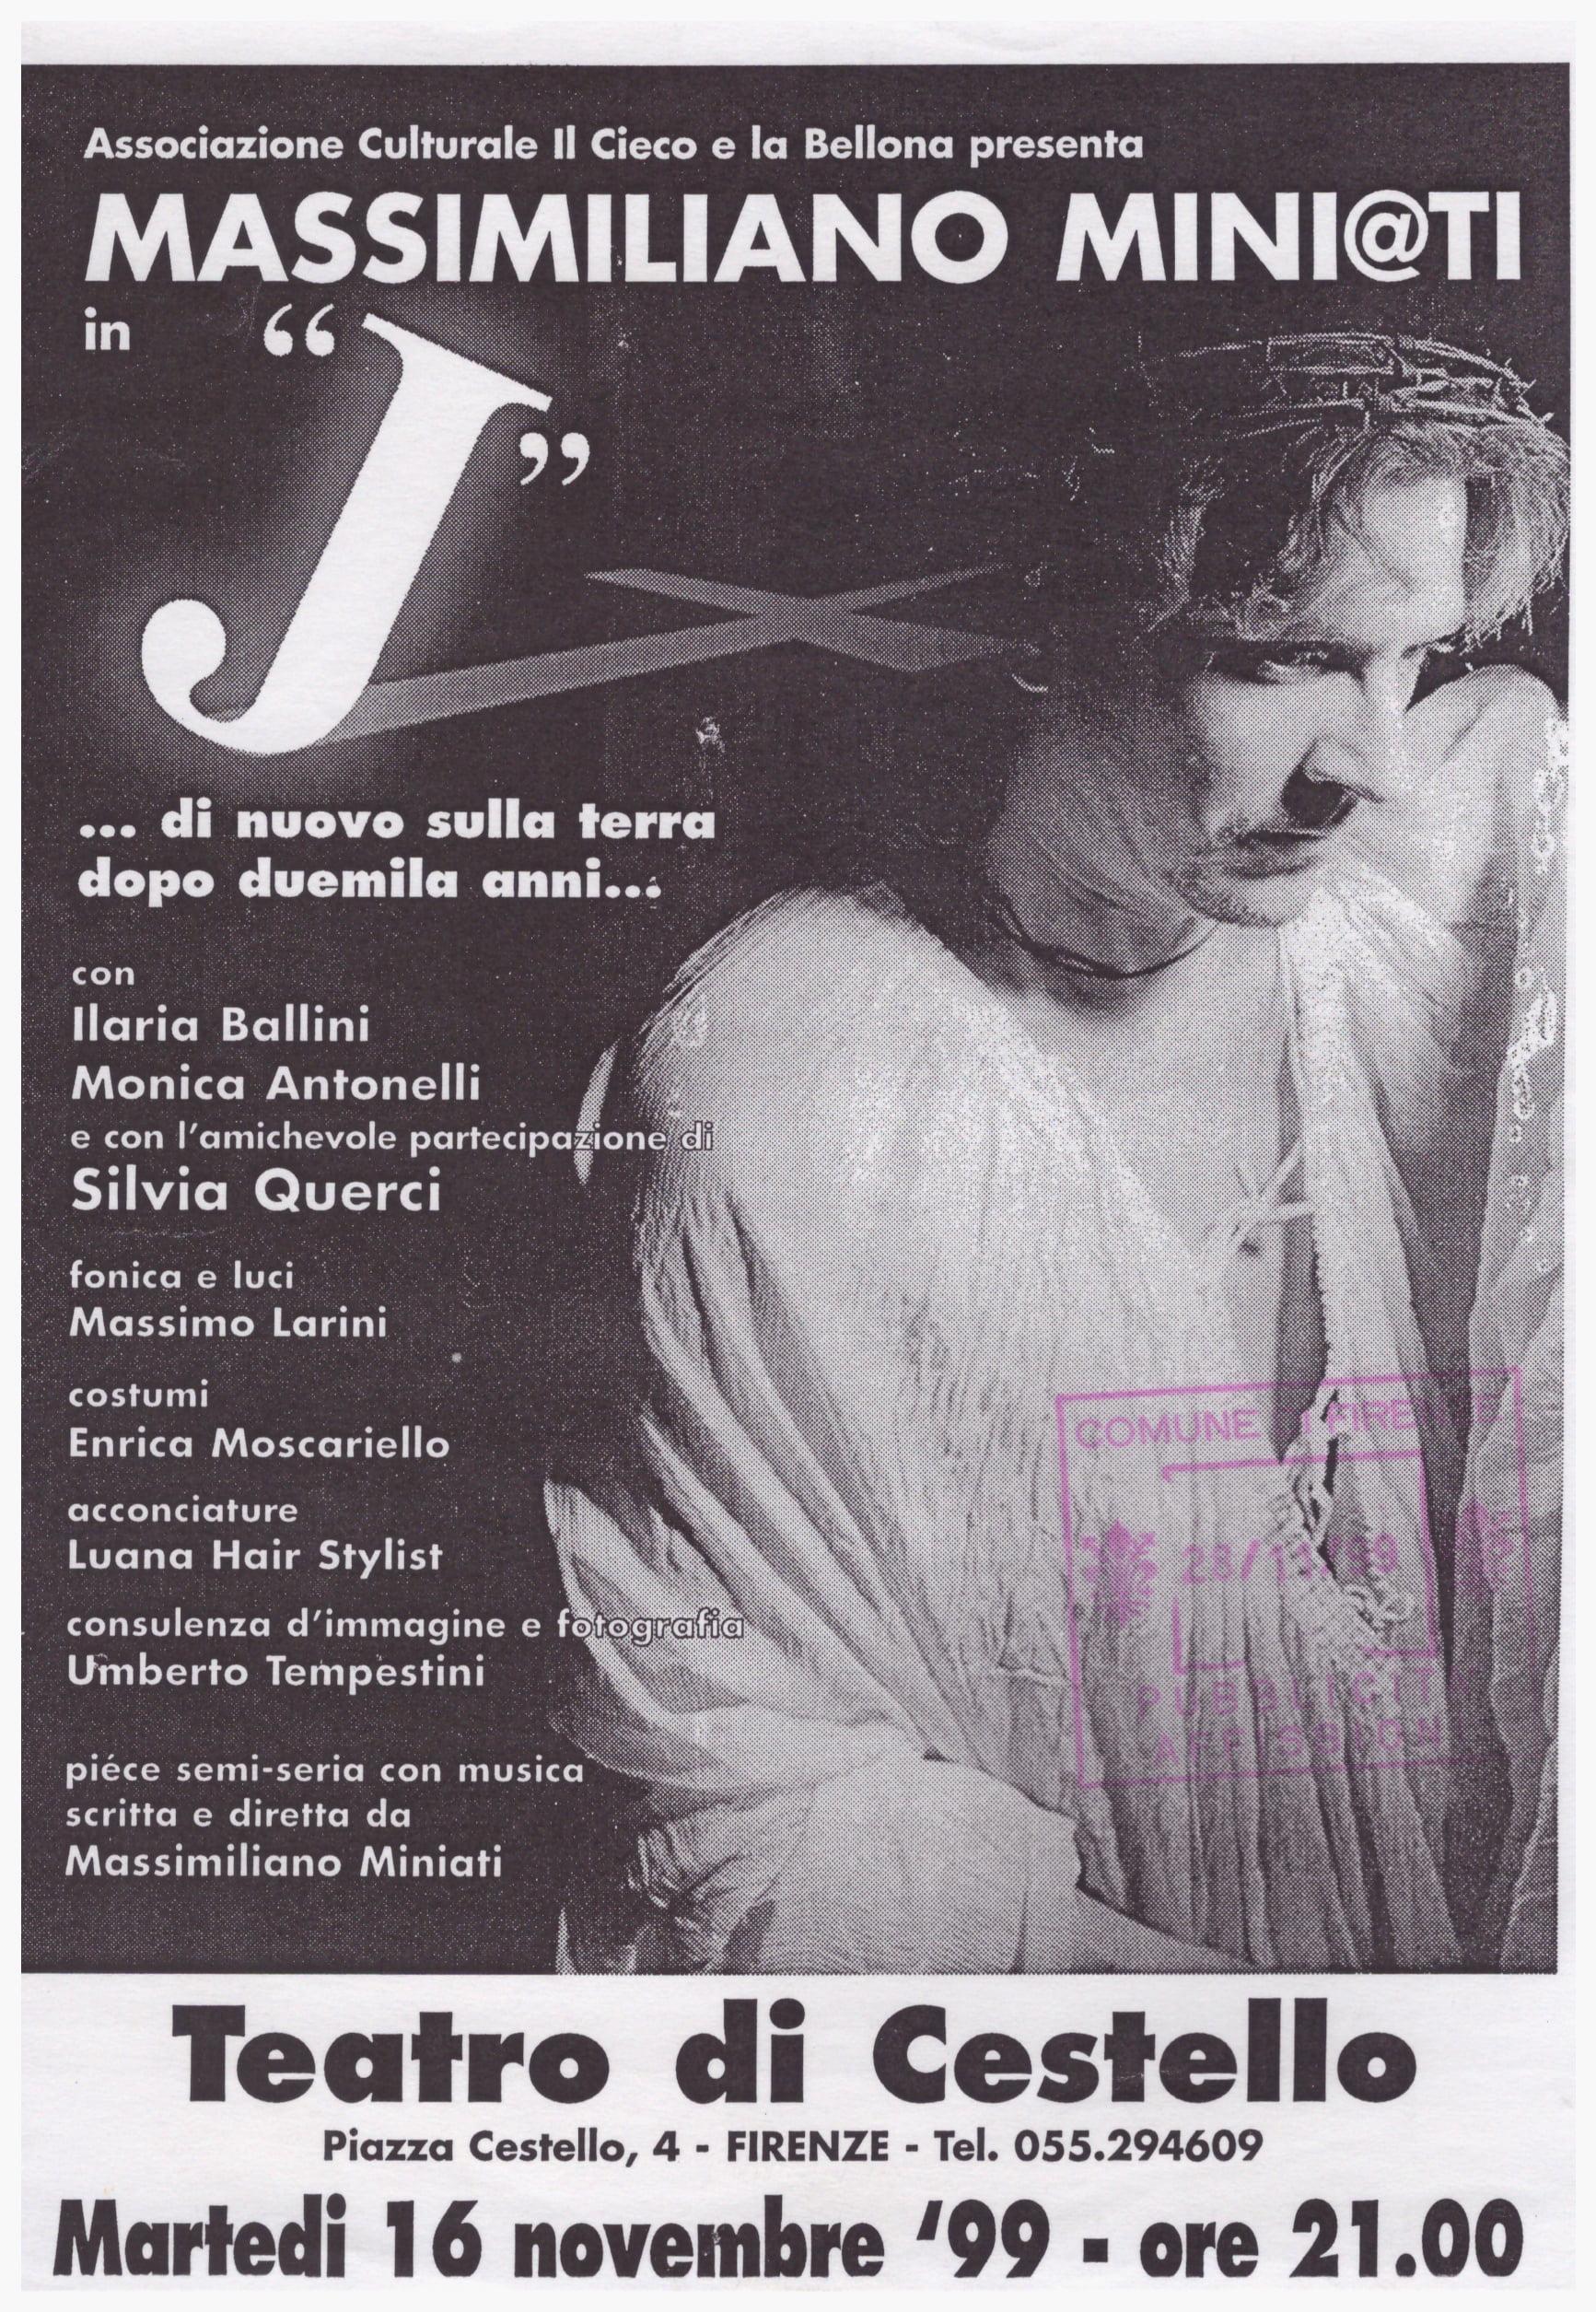 Locandina Spettacolo Miniati (anno 1999)